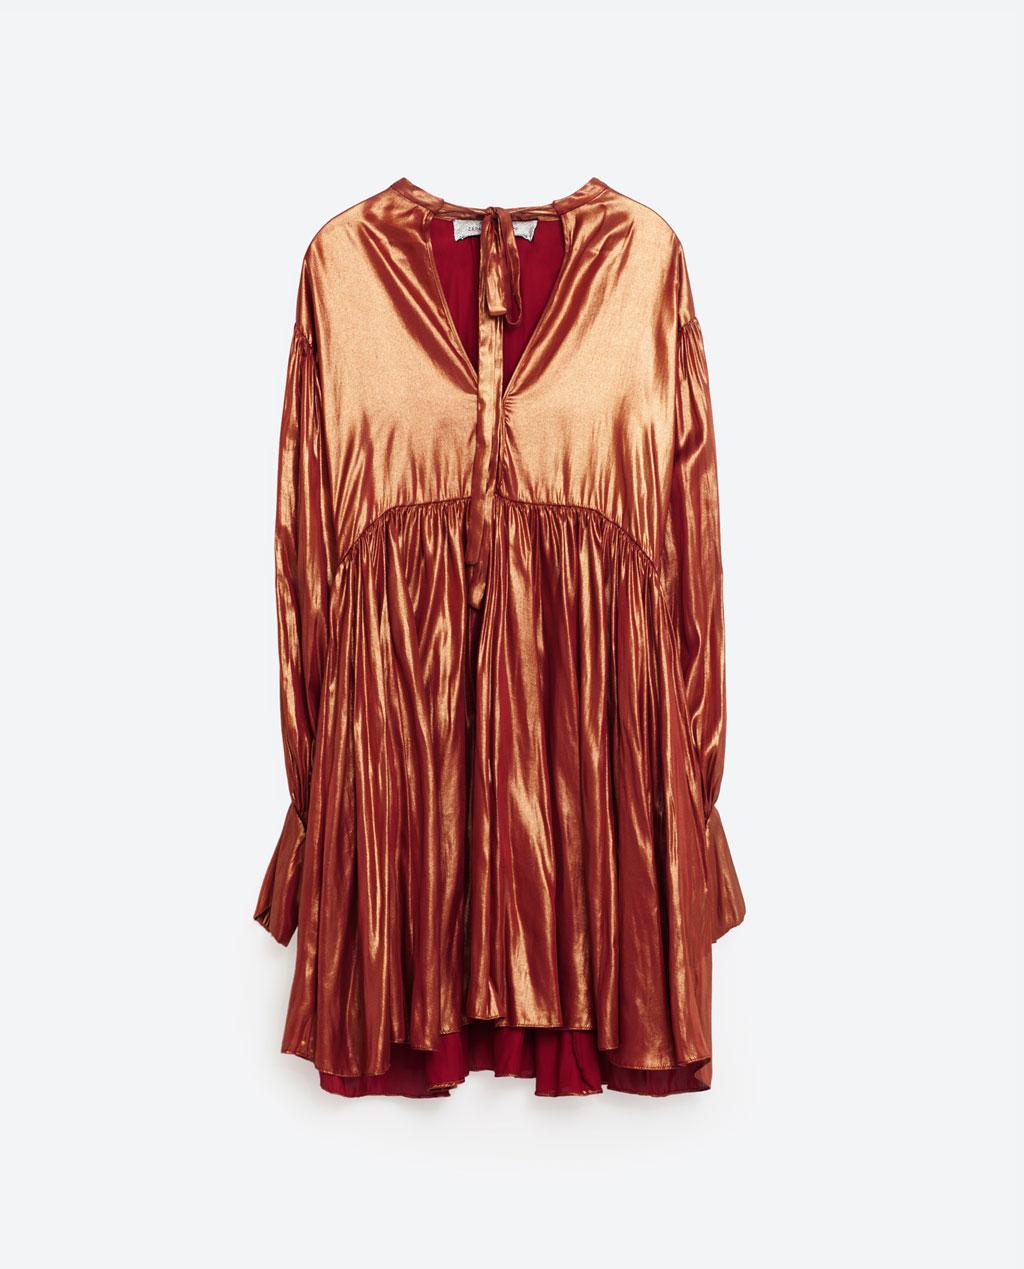 http://www.zara.com/us/en/sale/woman/dresses/shiny-flowing-dress-c437631p4259051.html